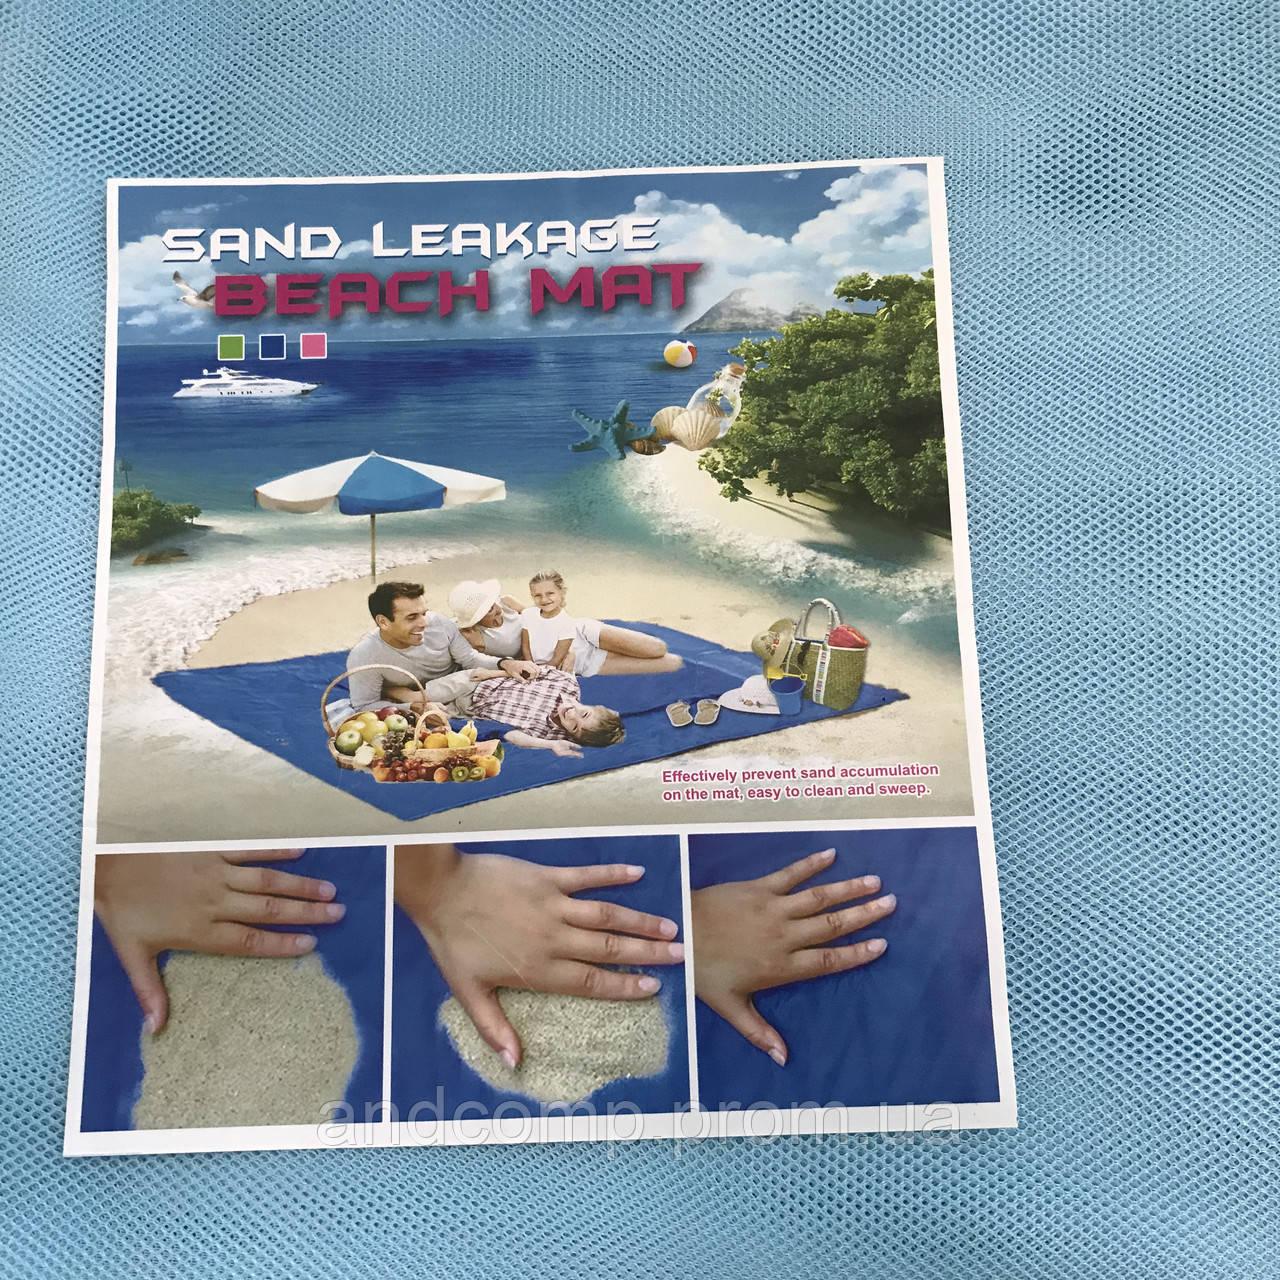 Пляжный коврик Антипесок Sand Free Mat - Голубой - Лучшая Подстилка на пляж Качество + Подарок!